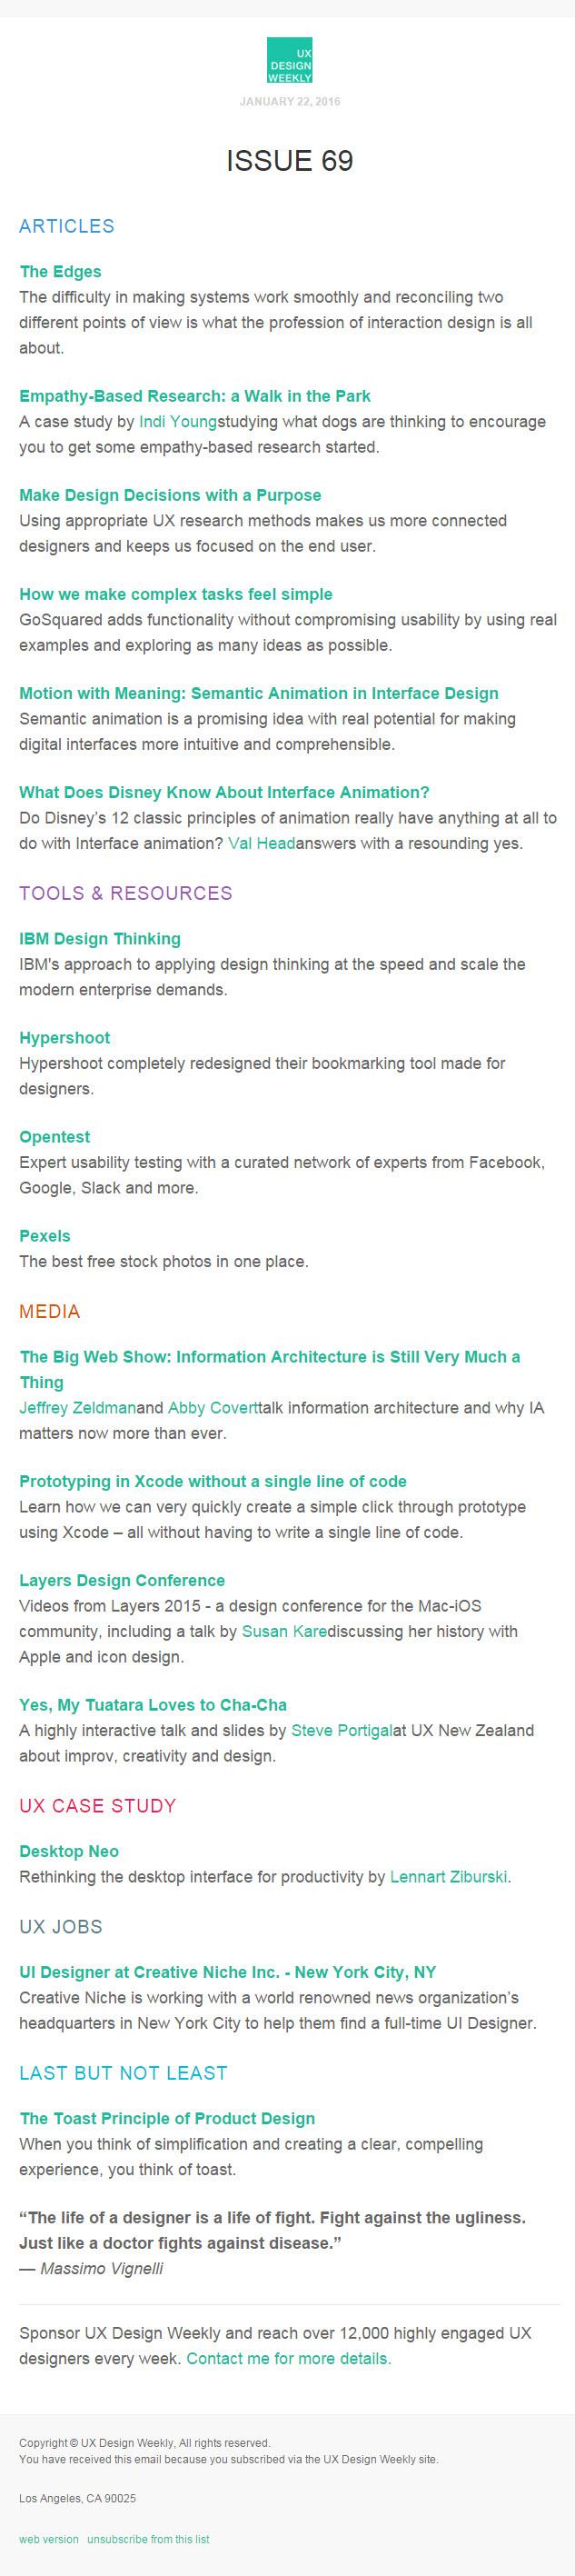 ux-design-weekly